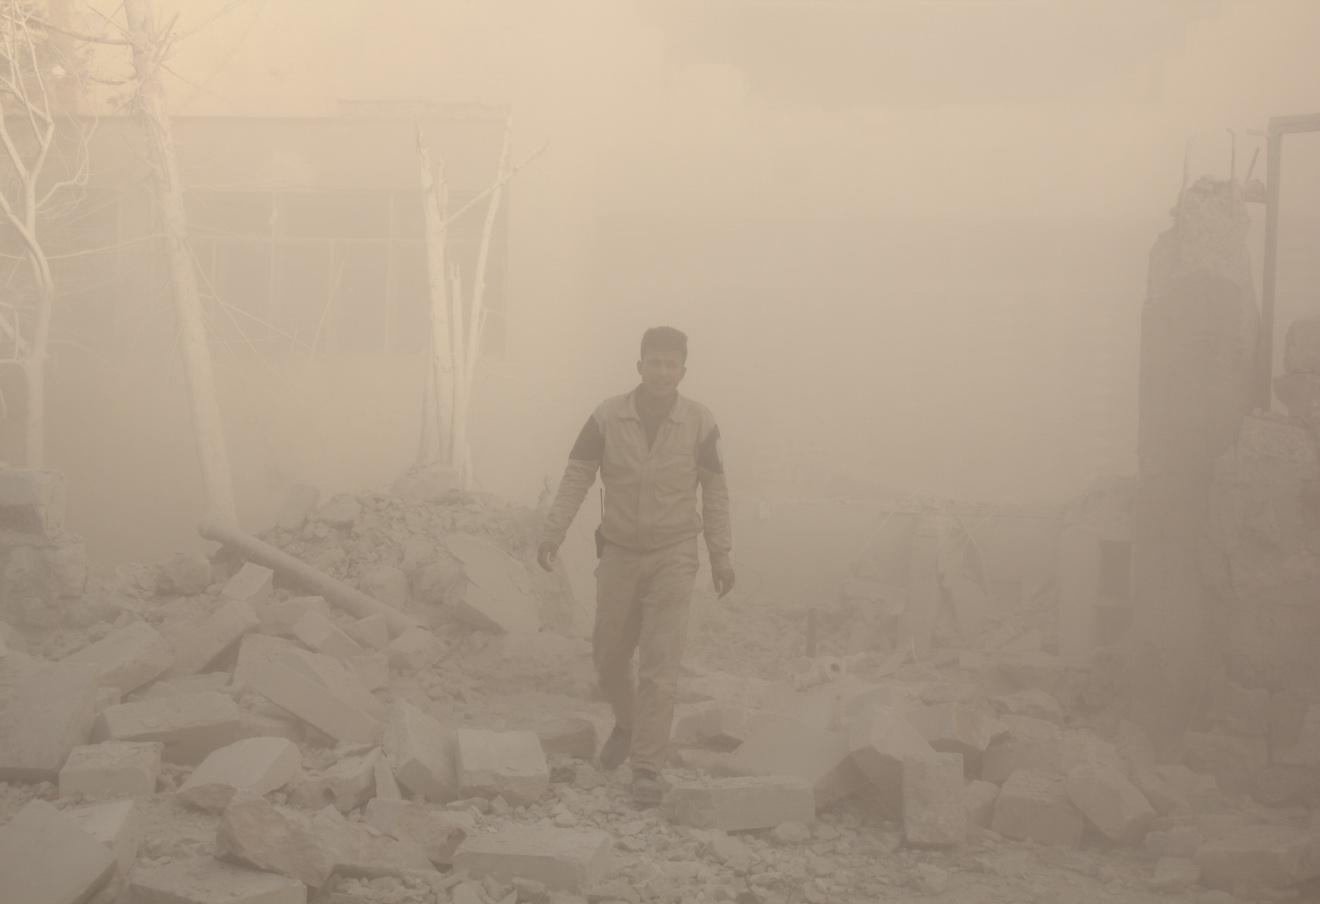 Участник формирований гражданской обороны в Сирии.